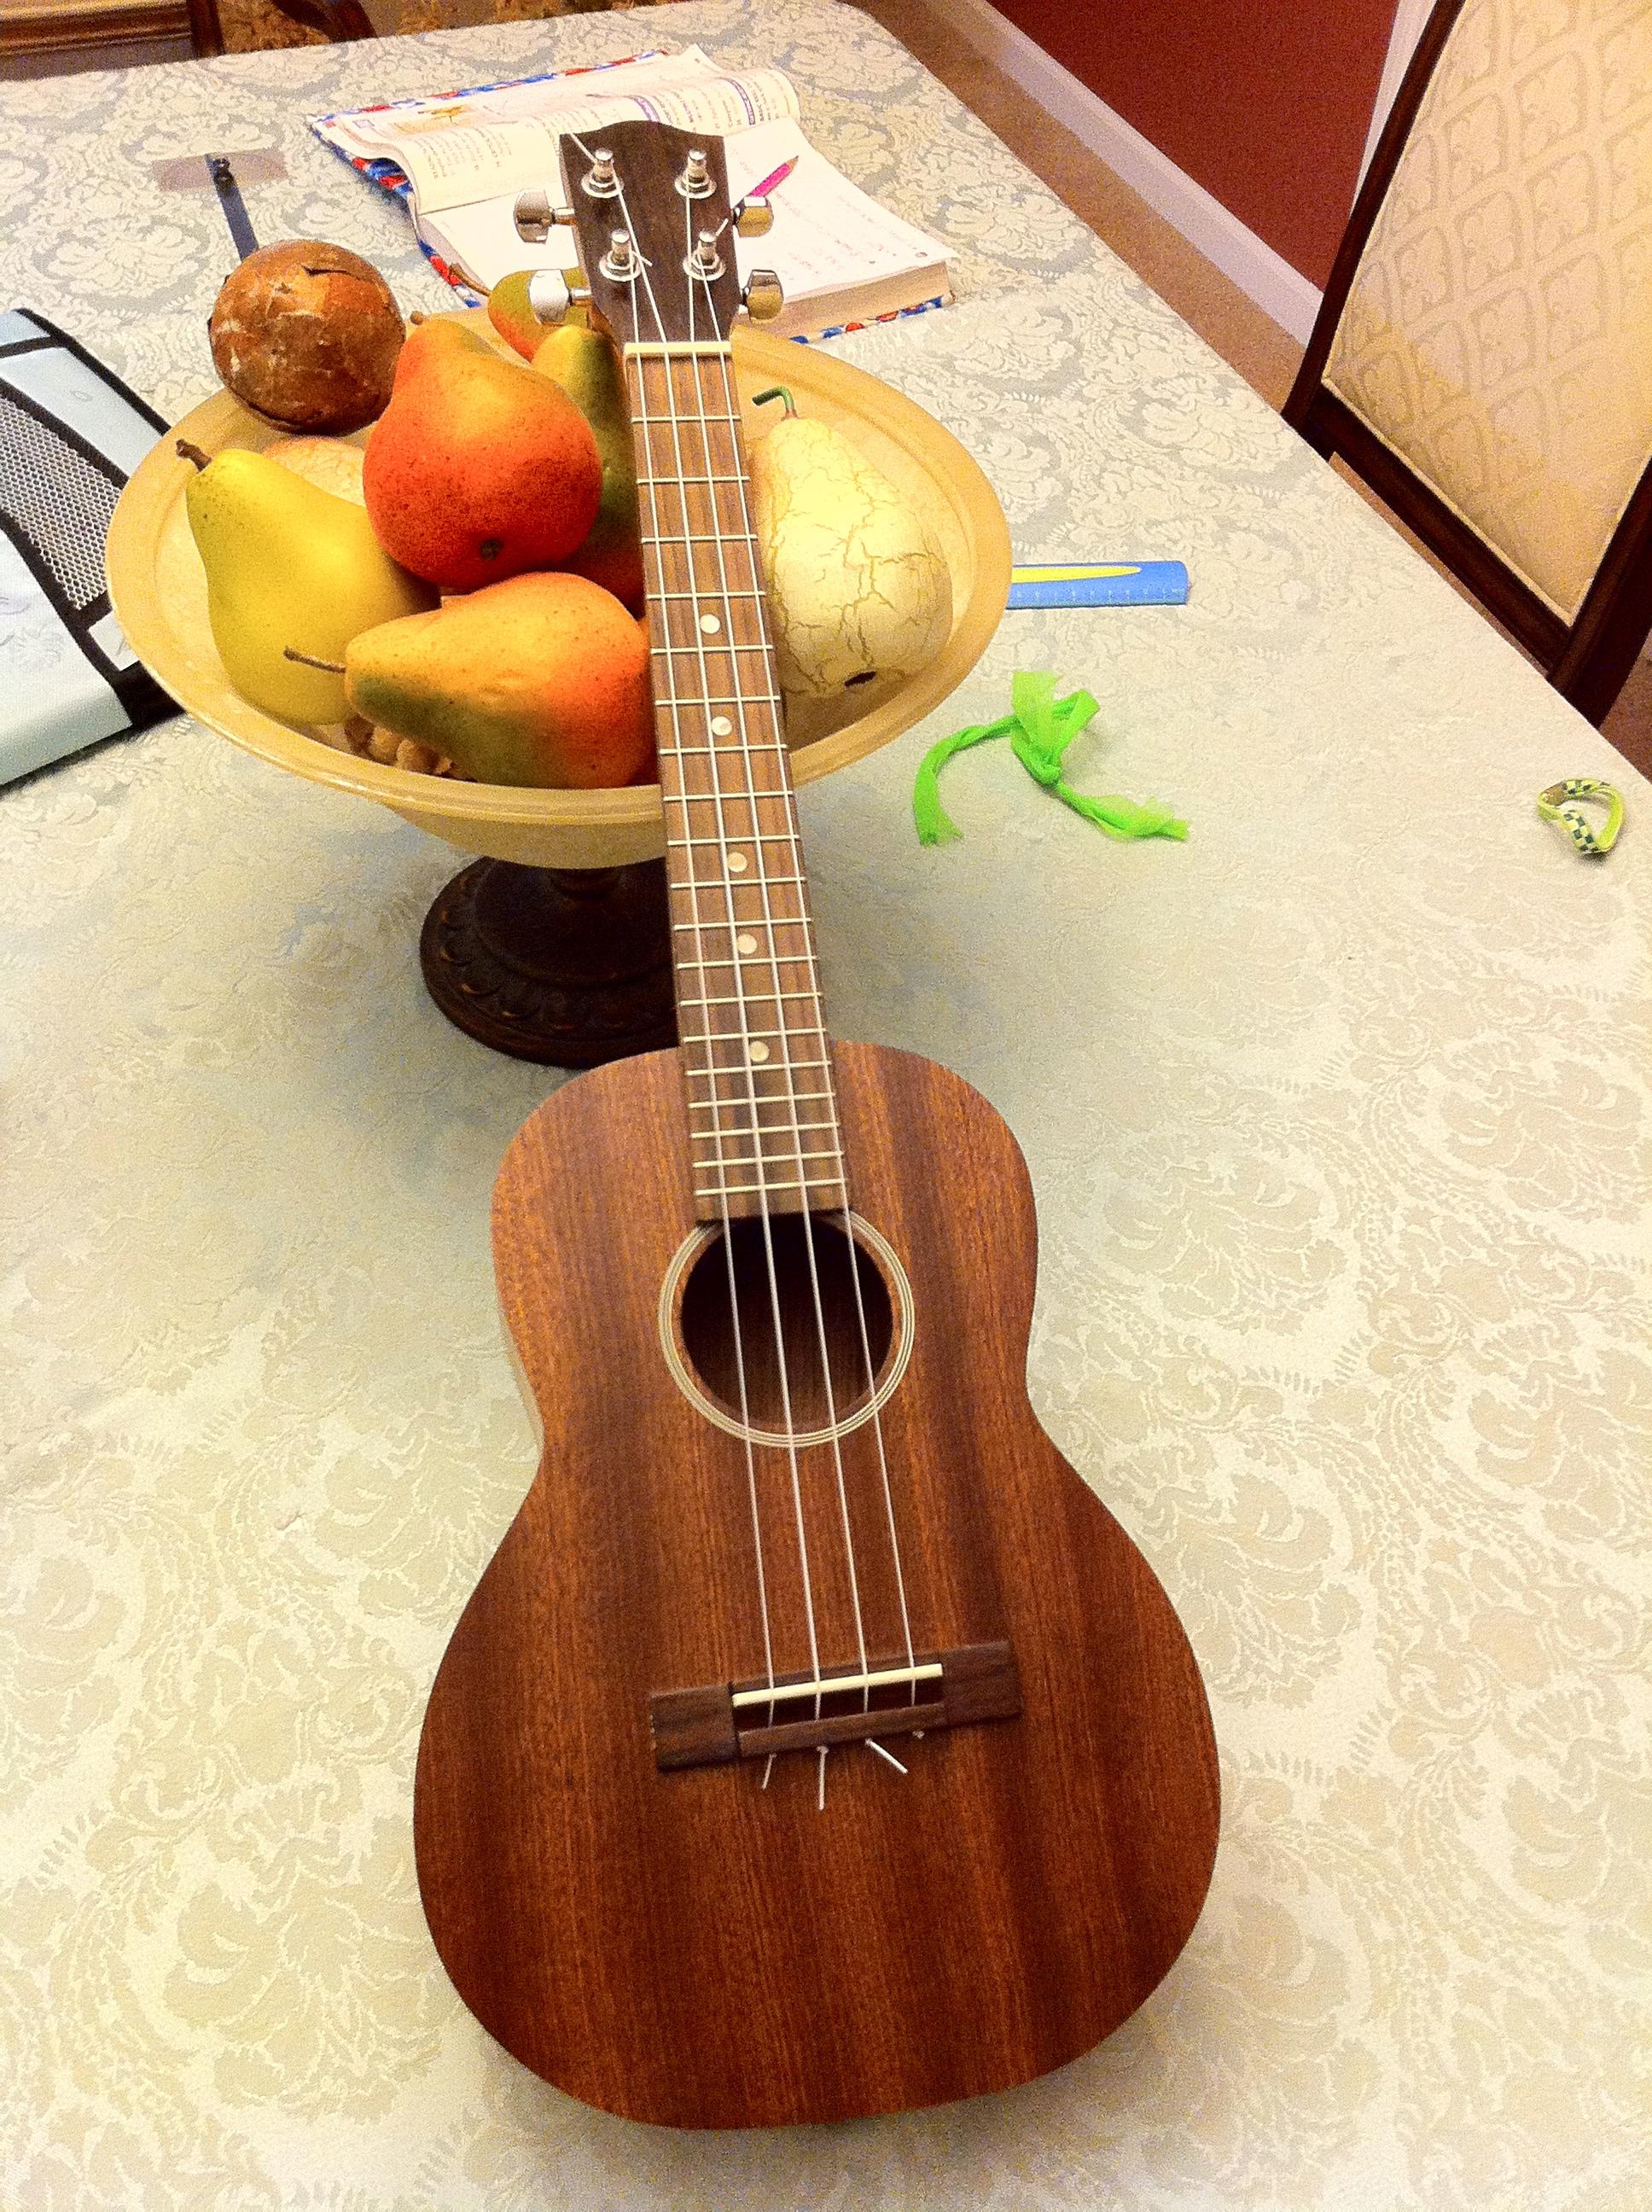 Building a tenor ukulele